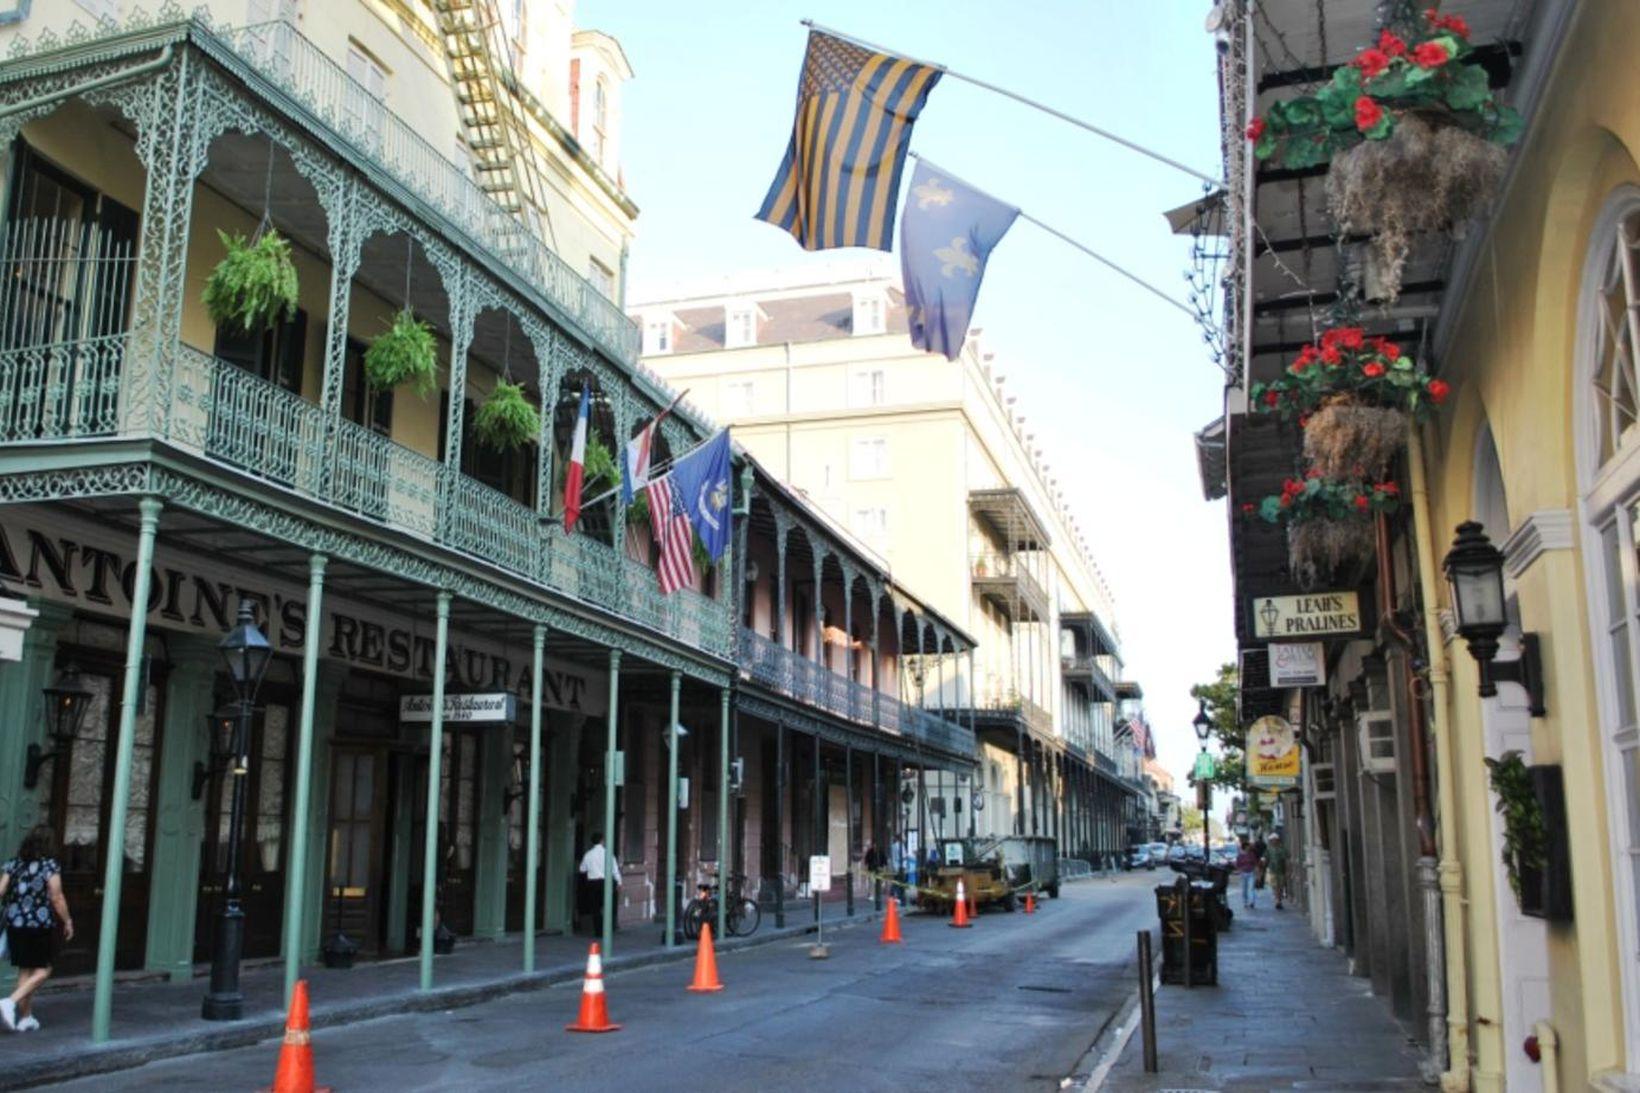 Skotárásin átti sér stað franska hverfinu í New Orleans sem …